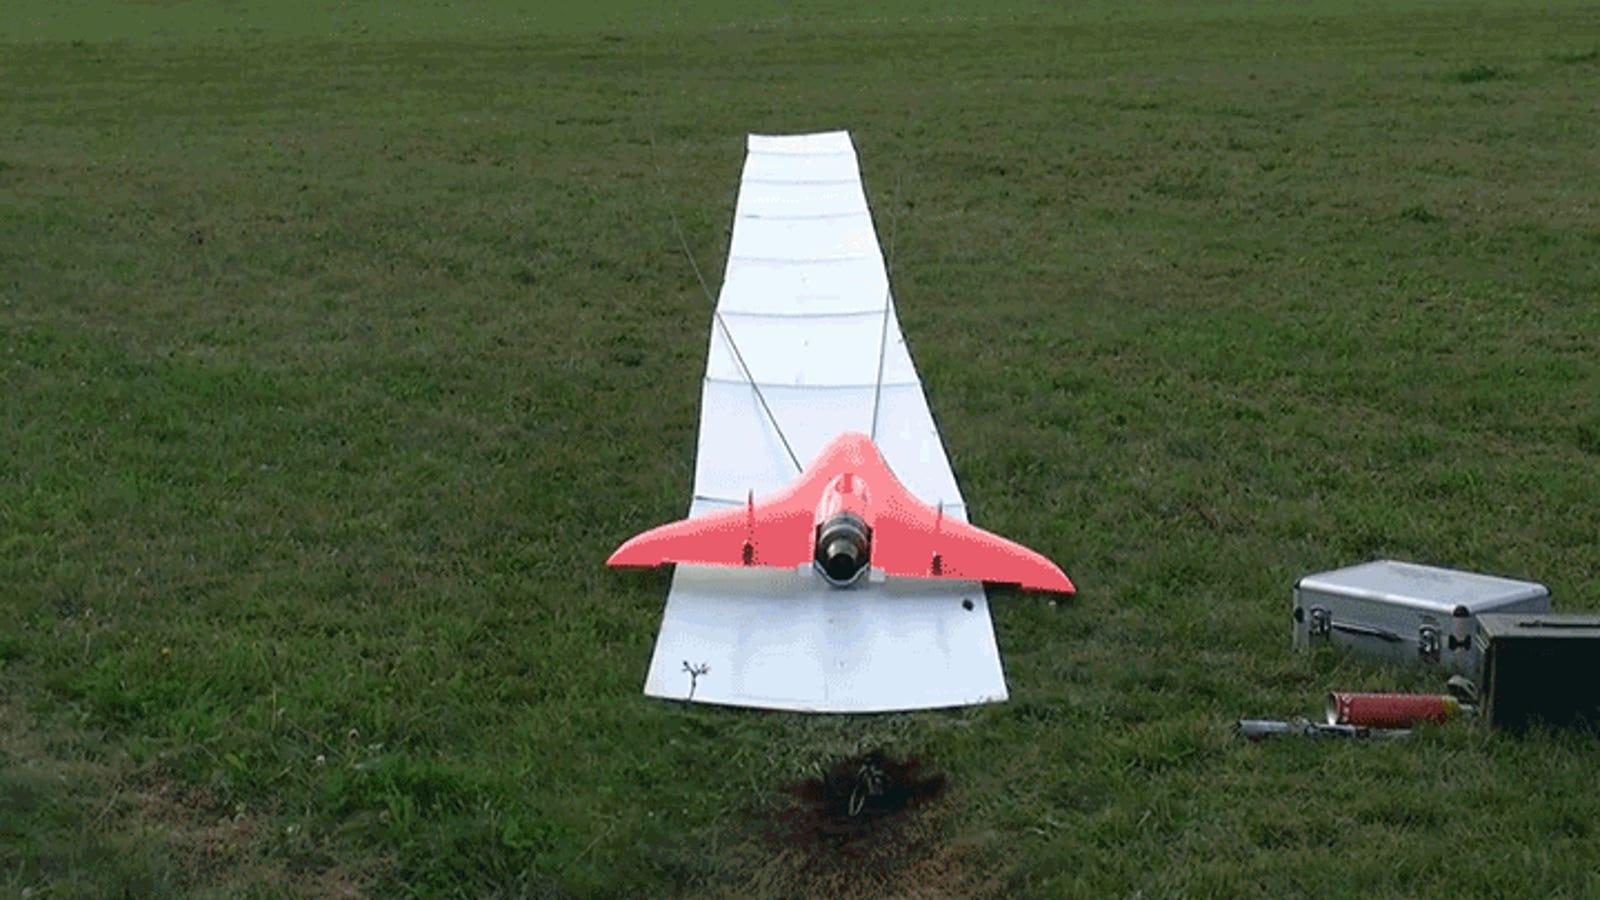 How Do You Even Pilot a 450 MPH RC Plane?